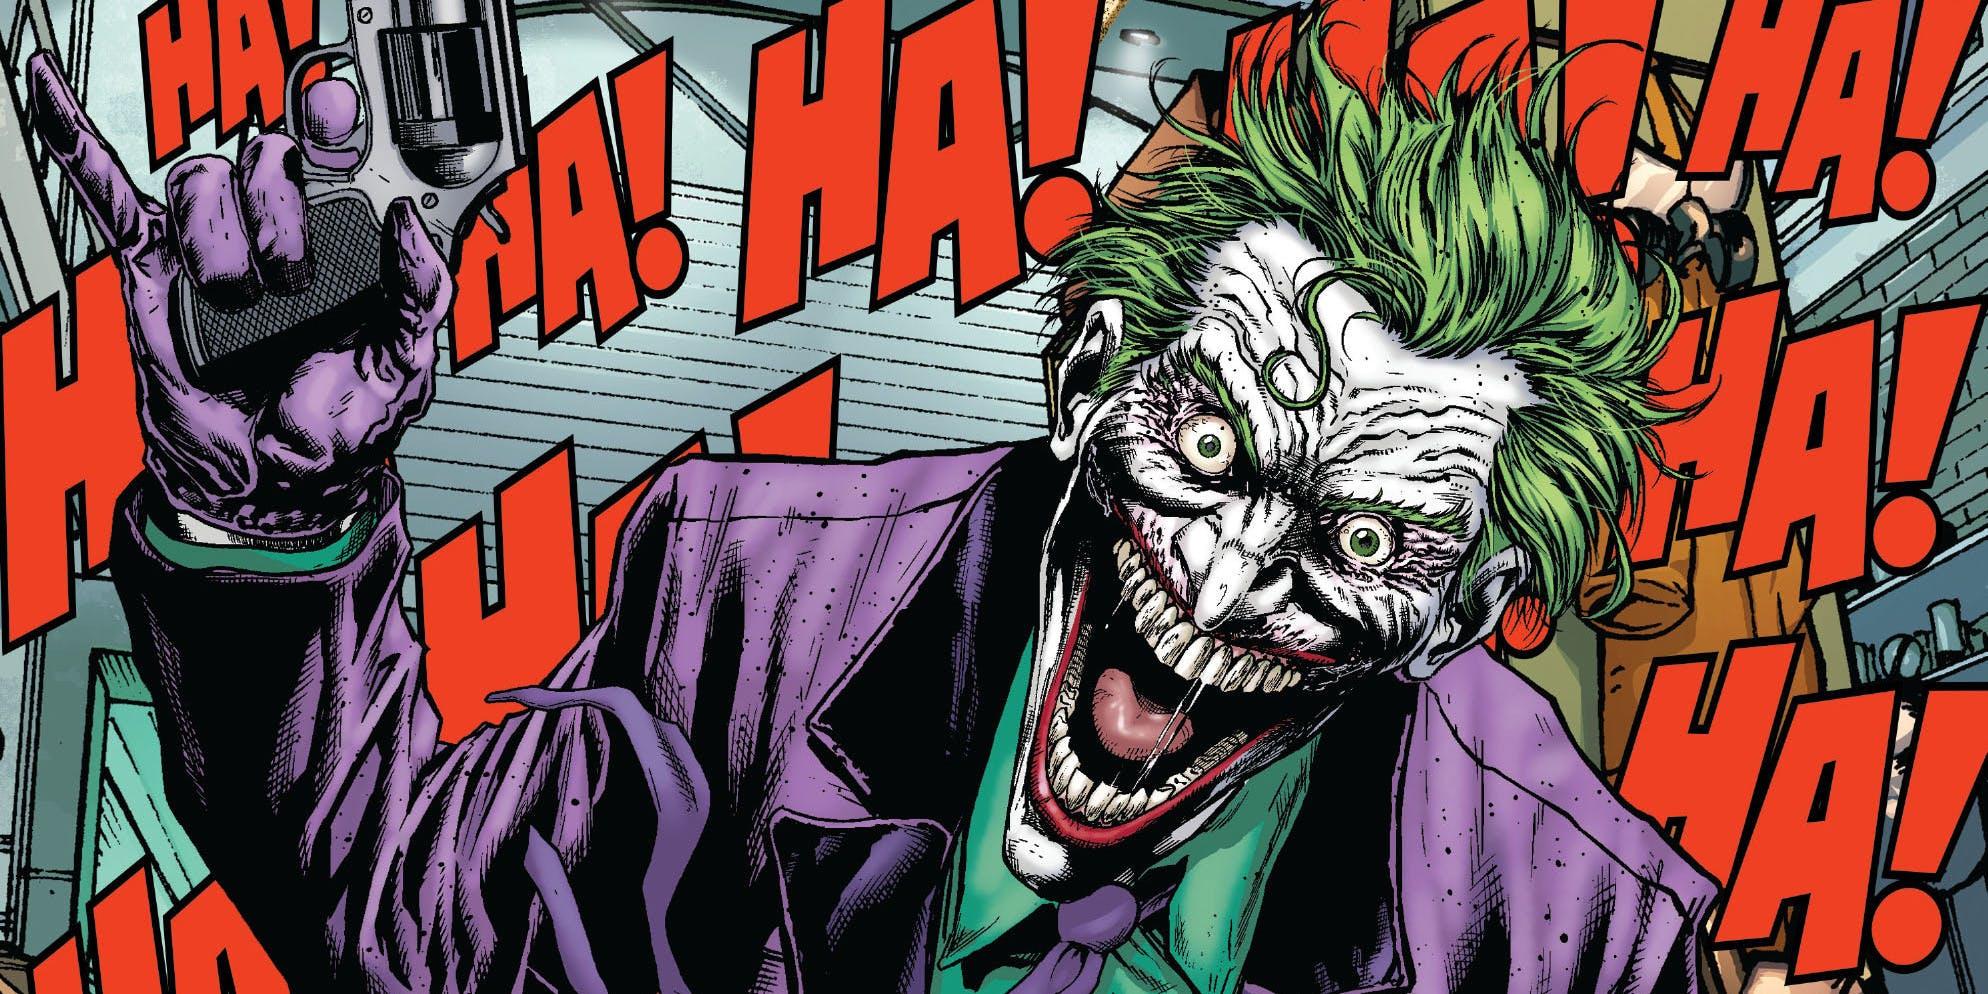 Os 5 Vilões Mais Sem Noção dos Quadrinhos